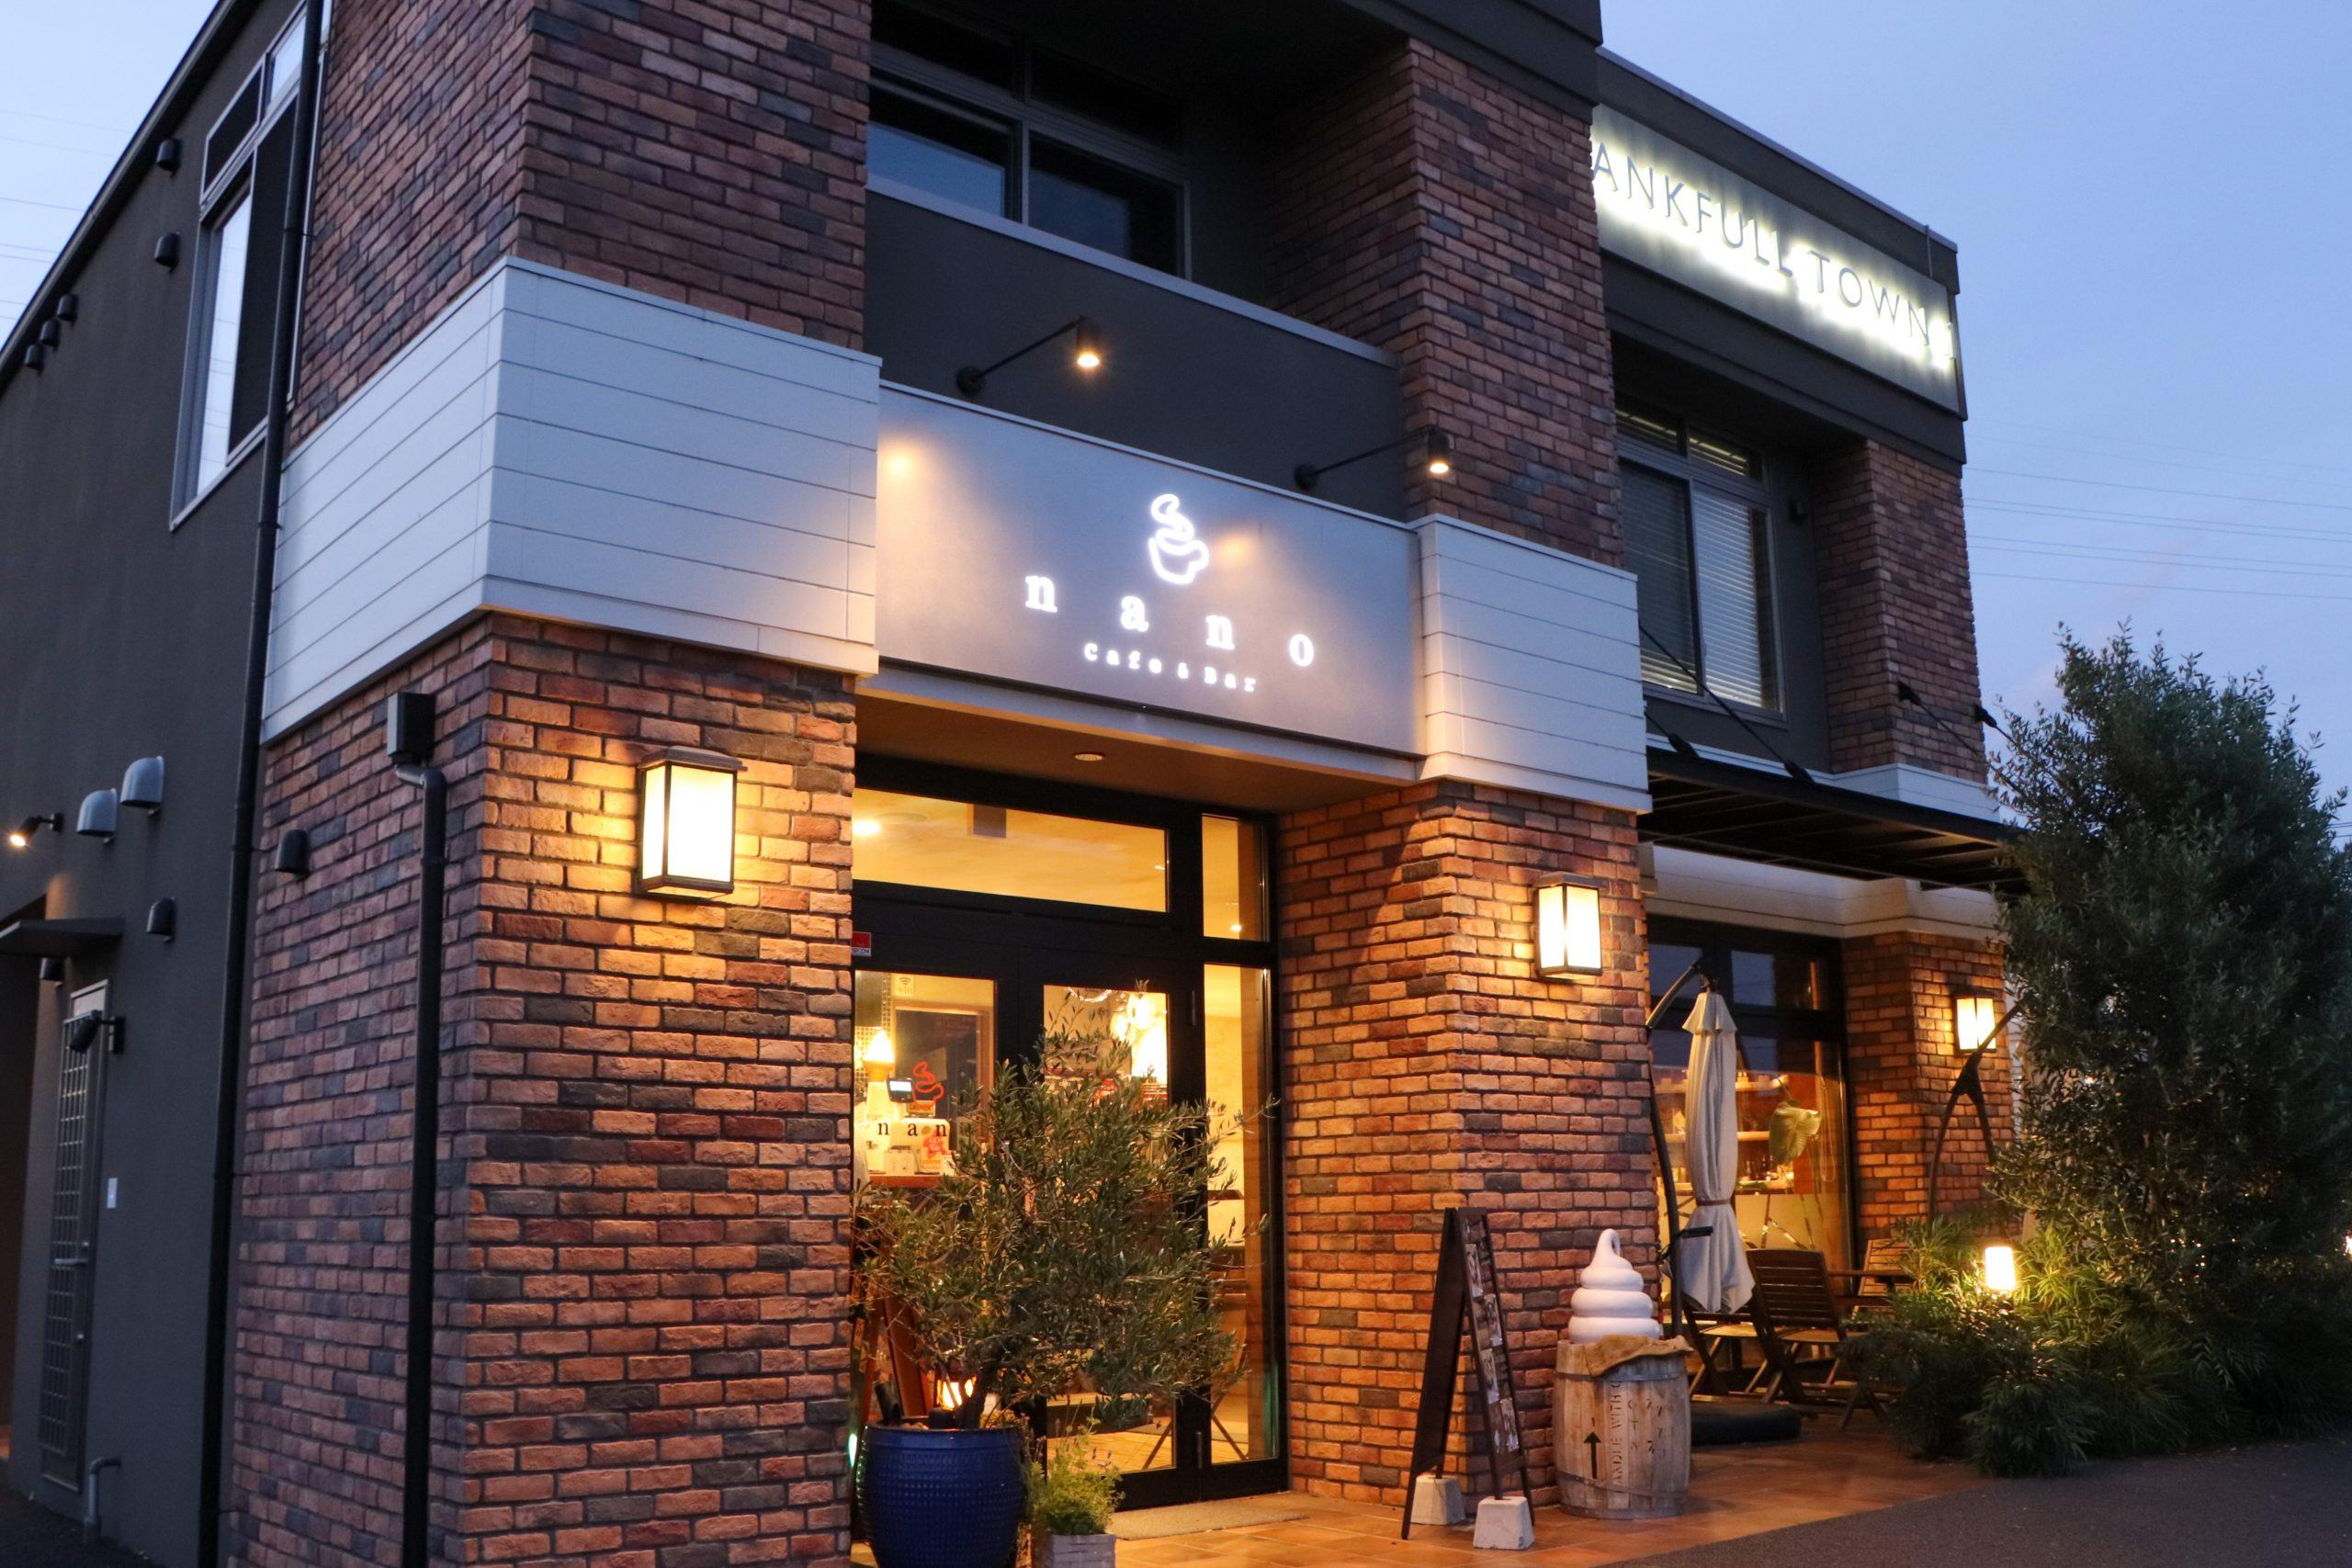 映えること間違いなし!見た目も味も贅沢な濃厚ご褒美ソフトクリームパフェが食べられる高崎市「Cafe&Bar nano」